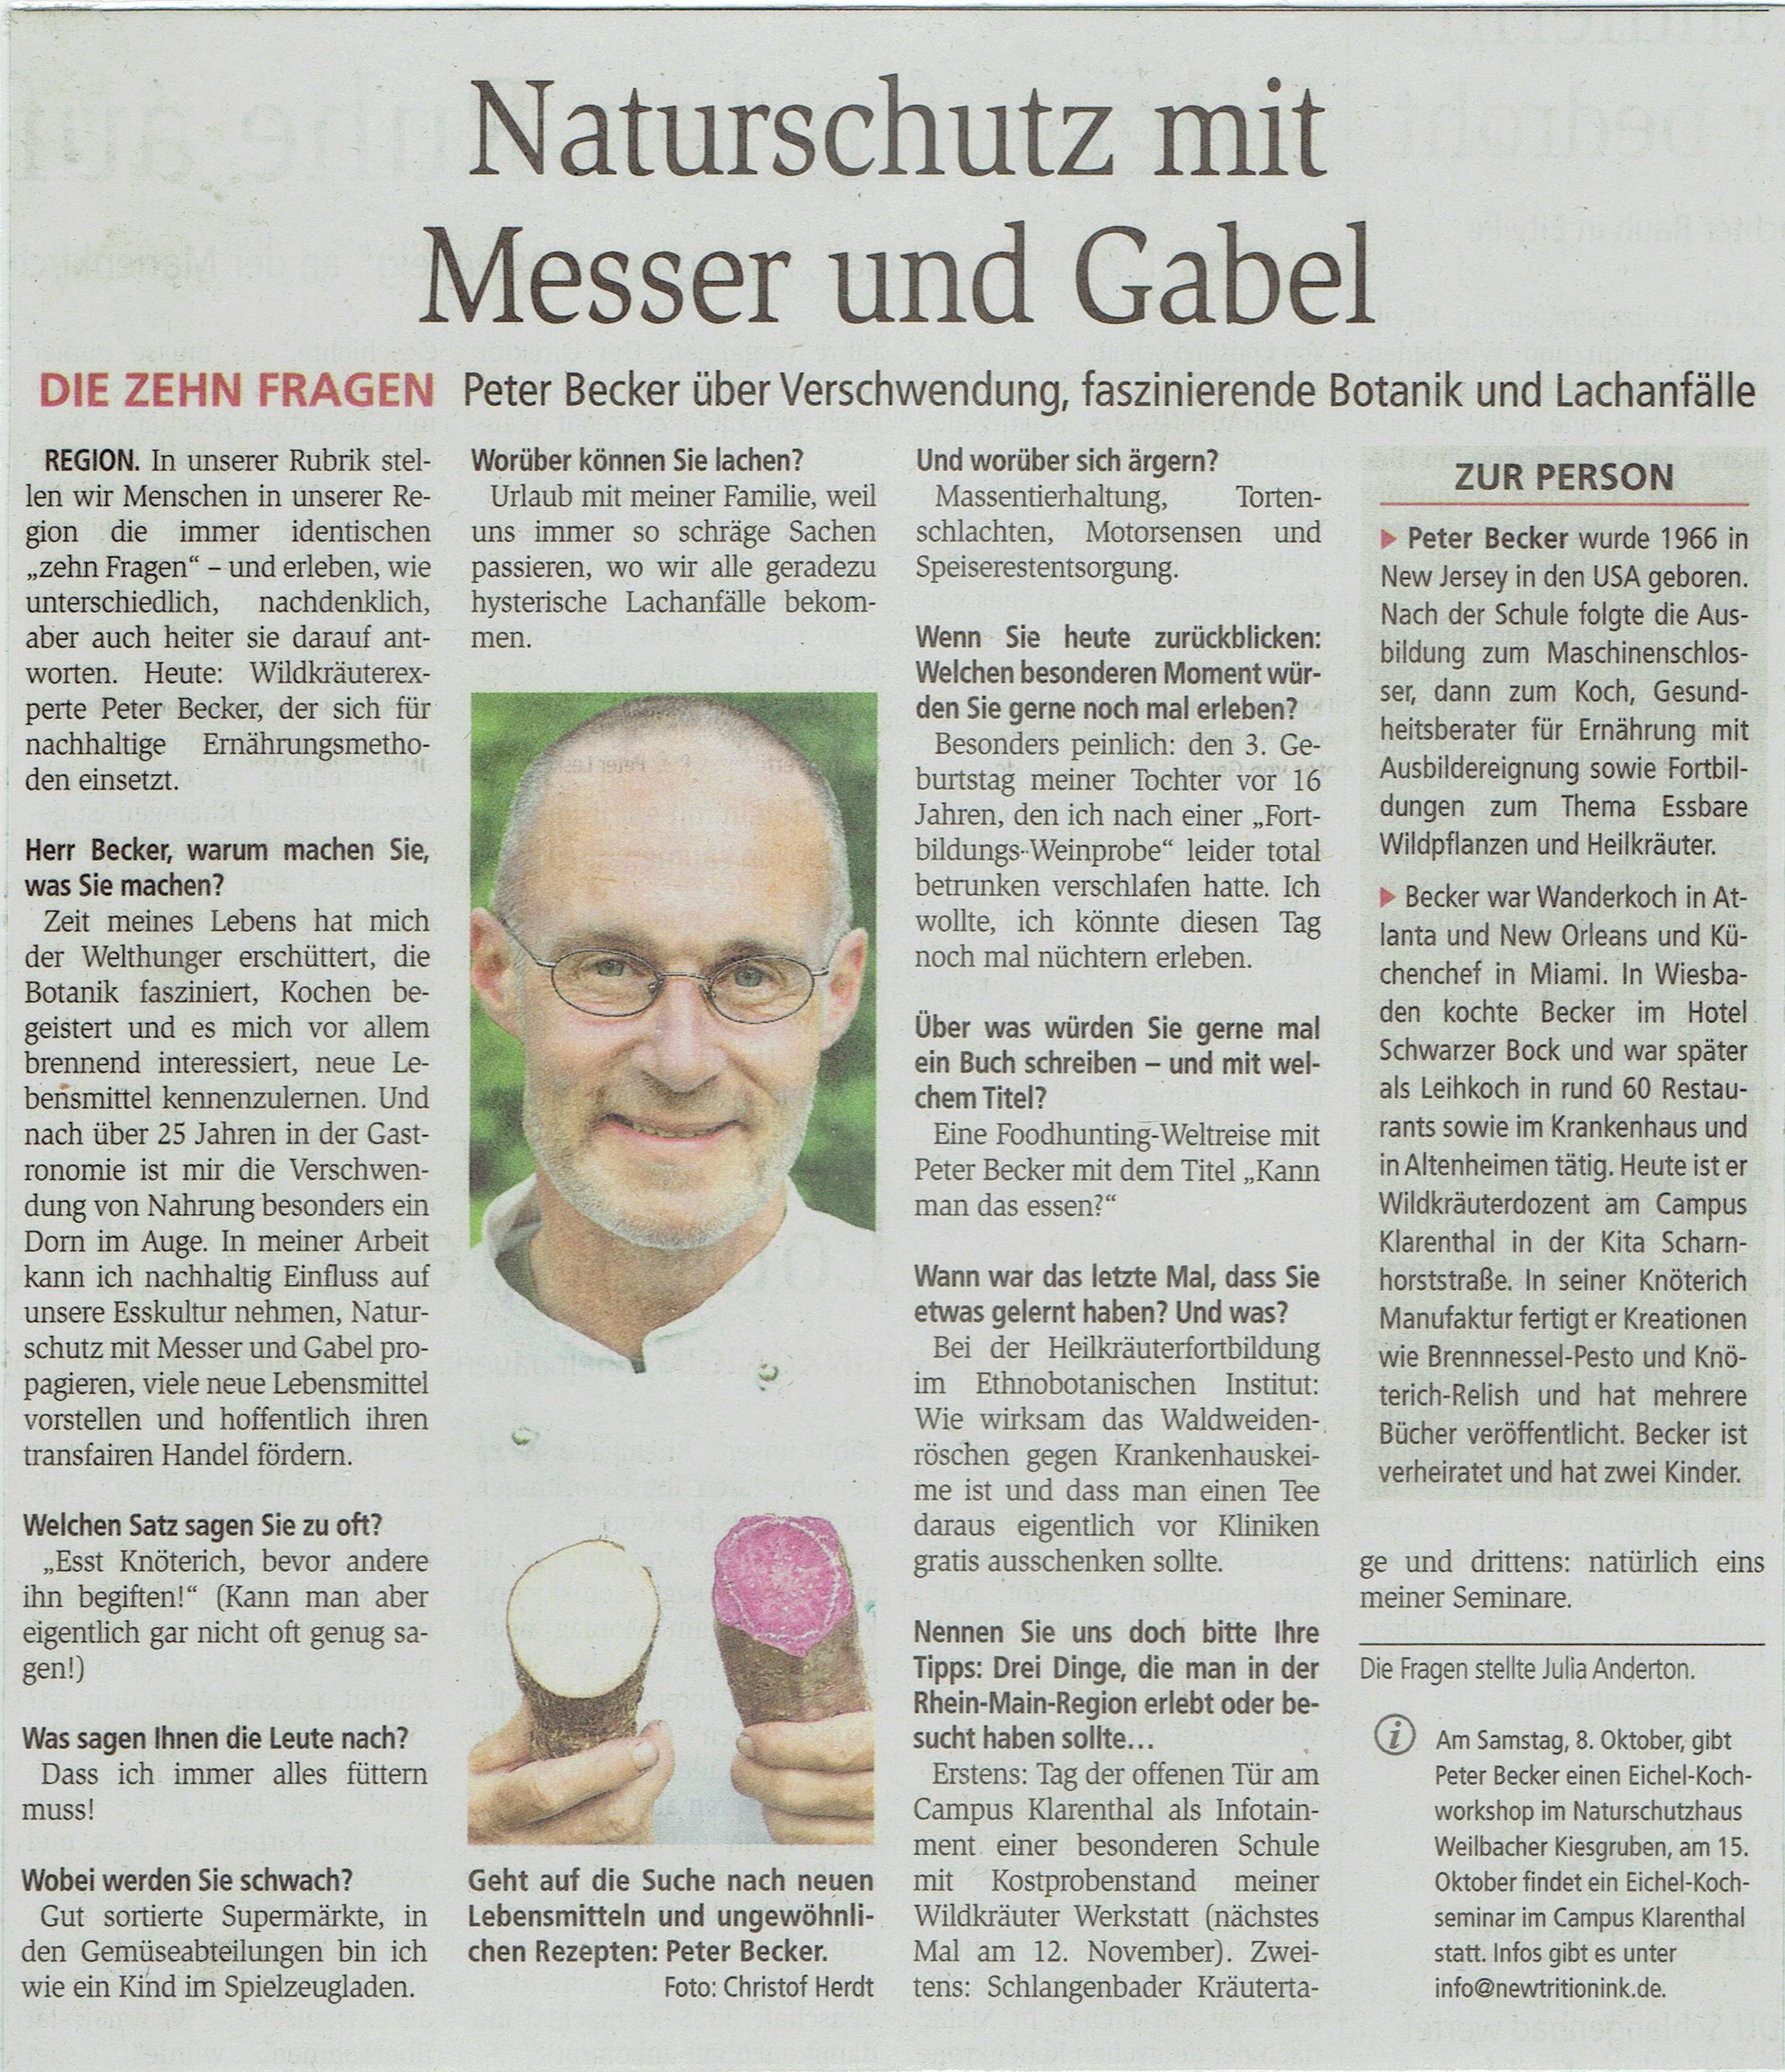 Wiesbadener Kurier 10 Fragen